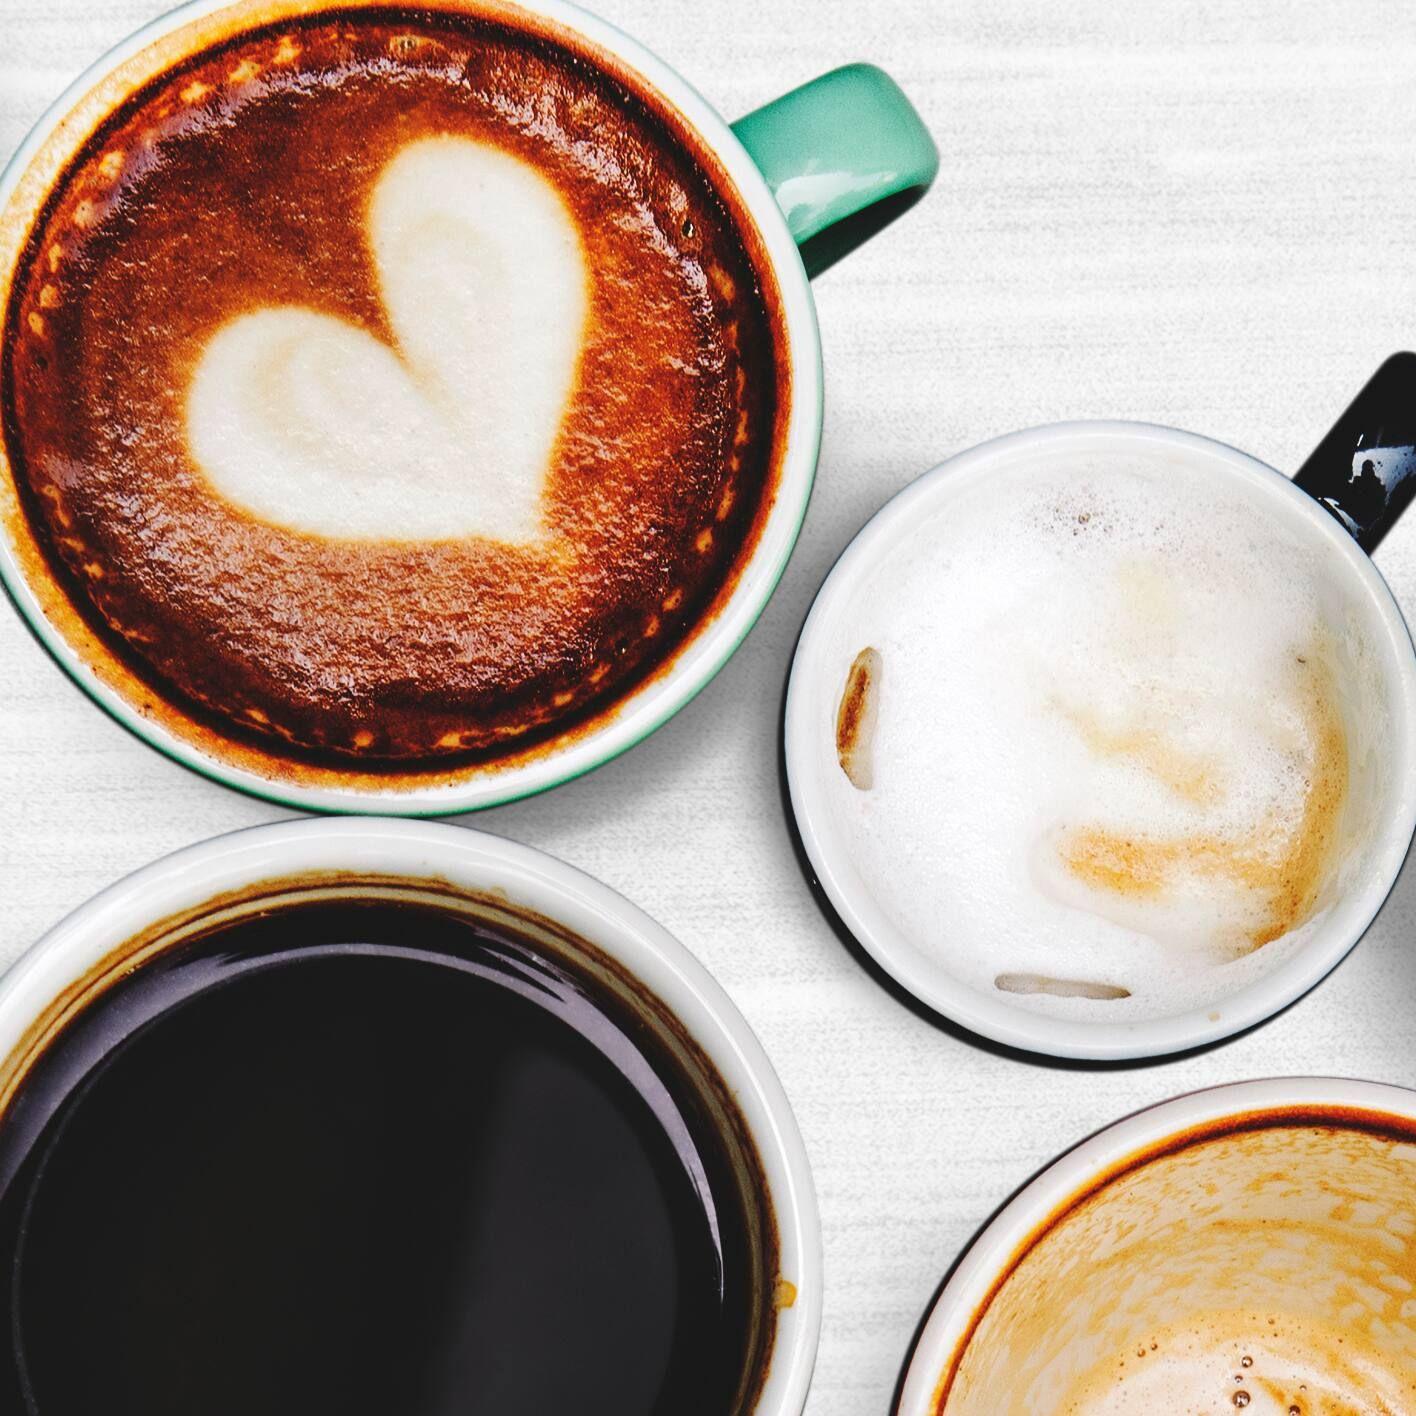 khử mùi hôi giày bằng bã cà phê